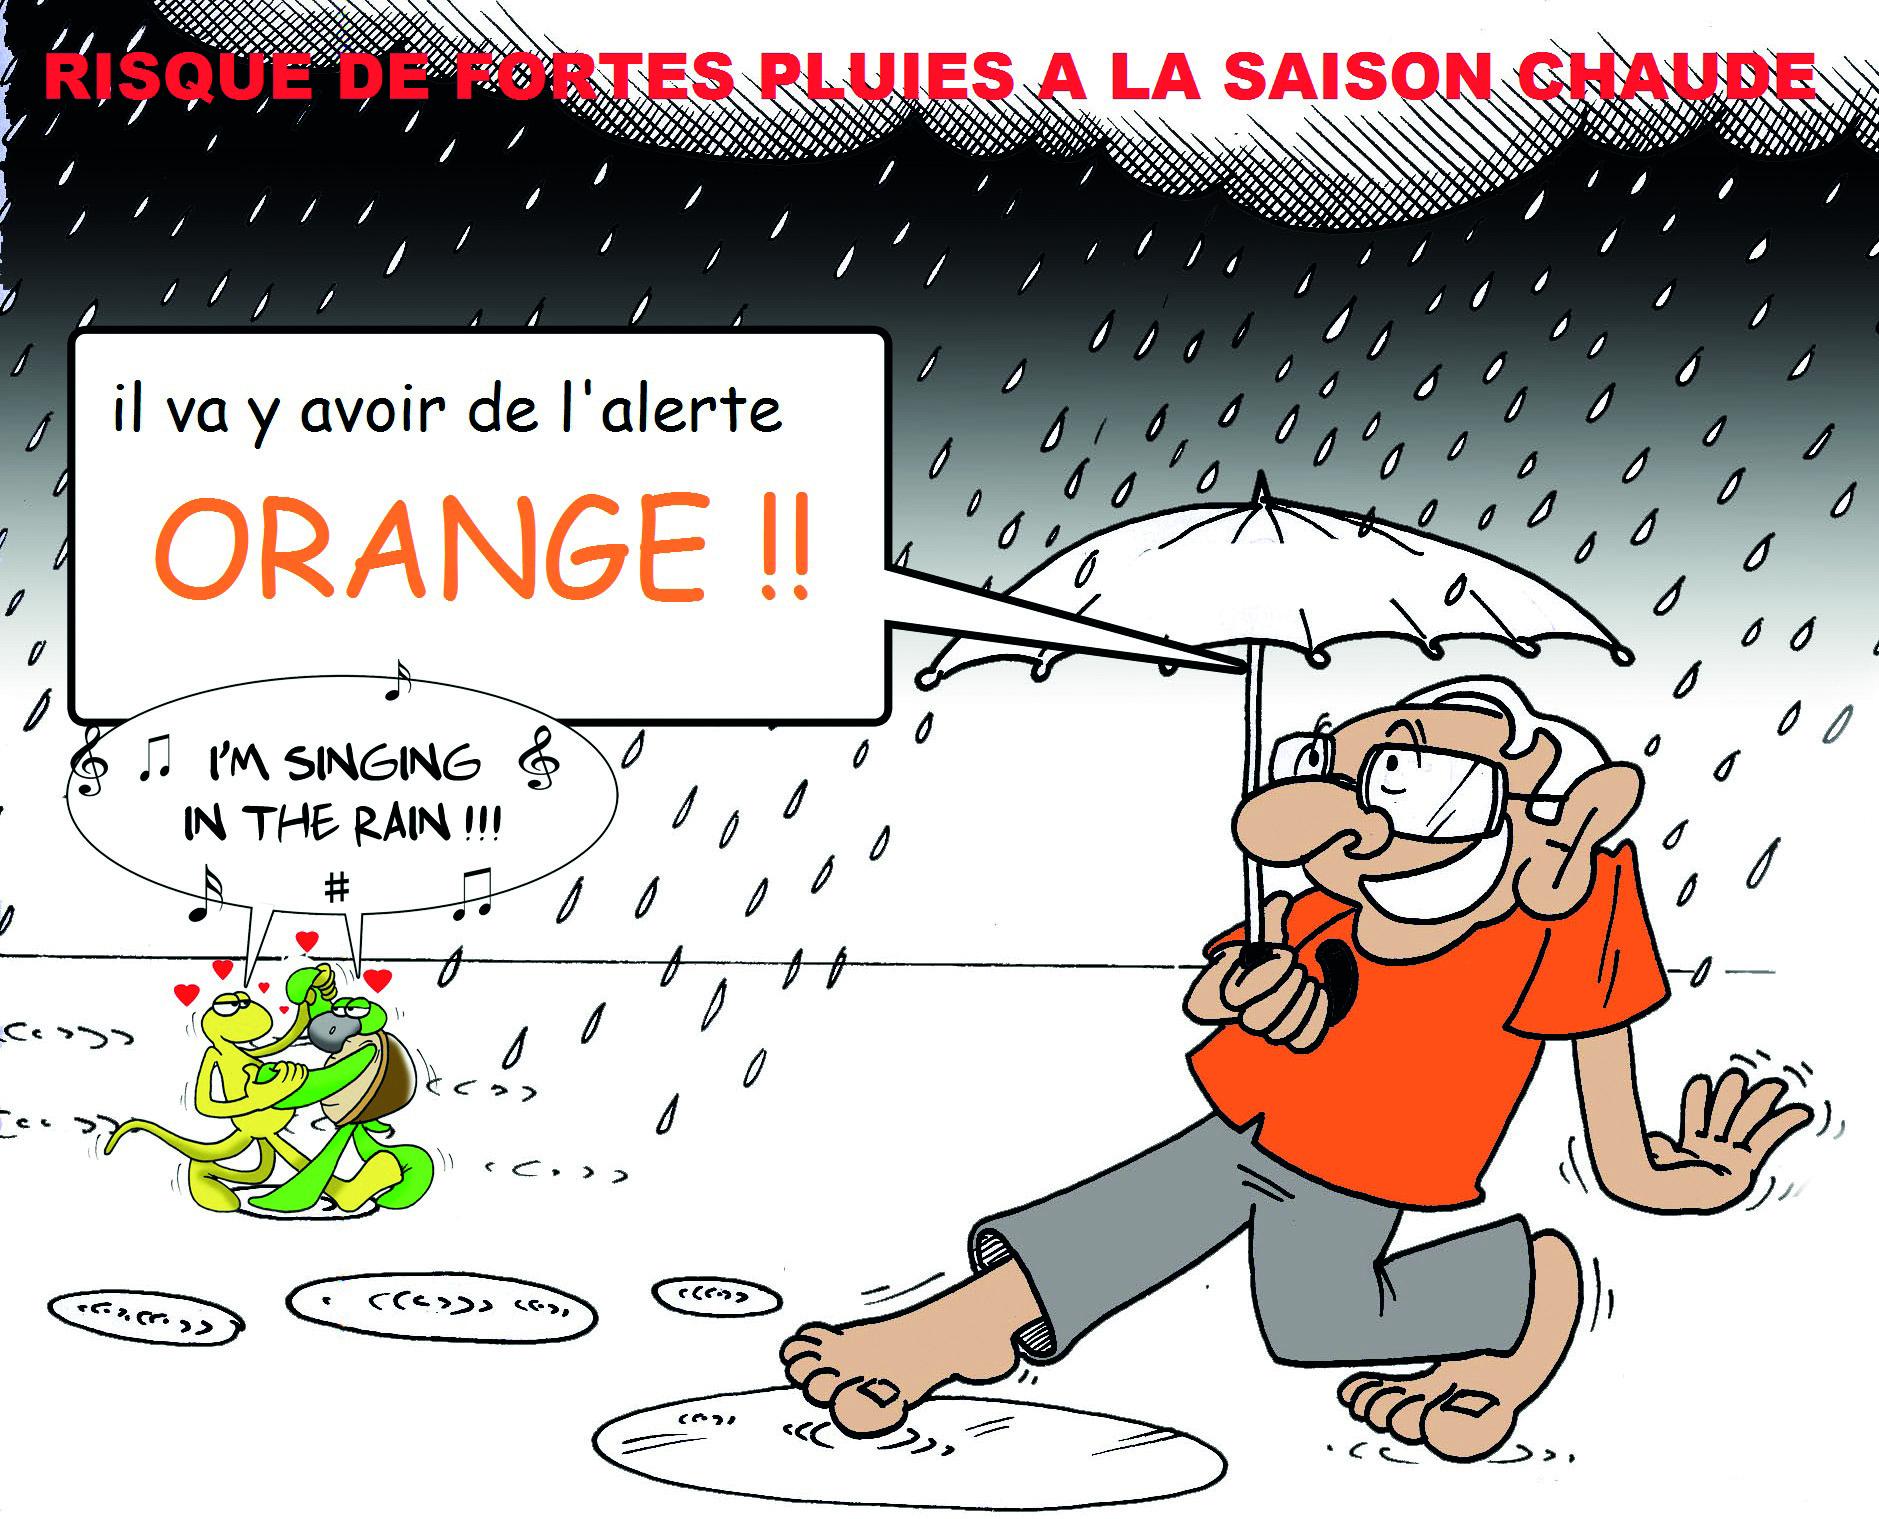 """"""" La saison chaude très pluvieuse """" vu par Munoz"""